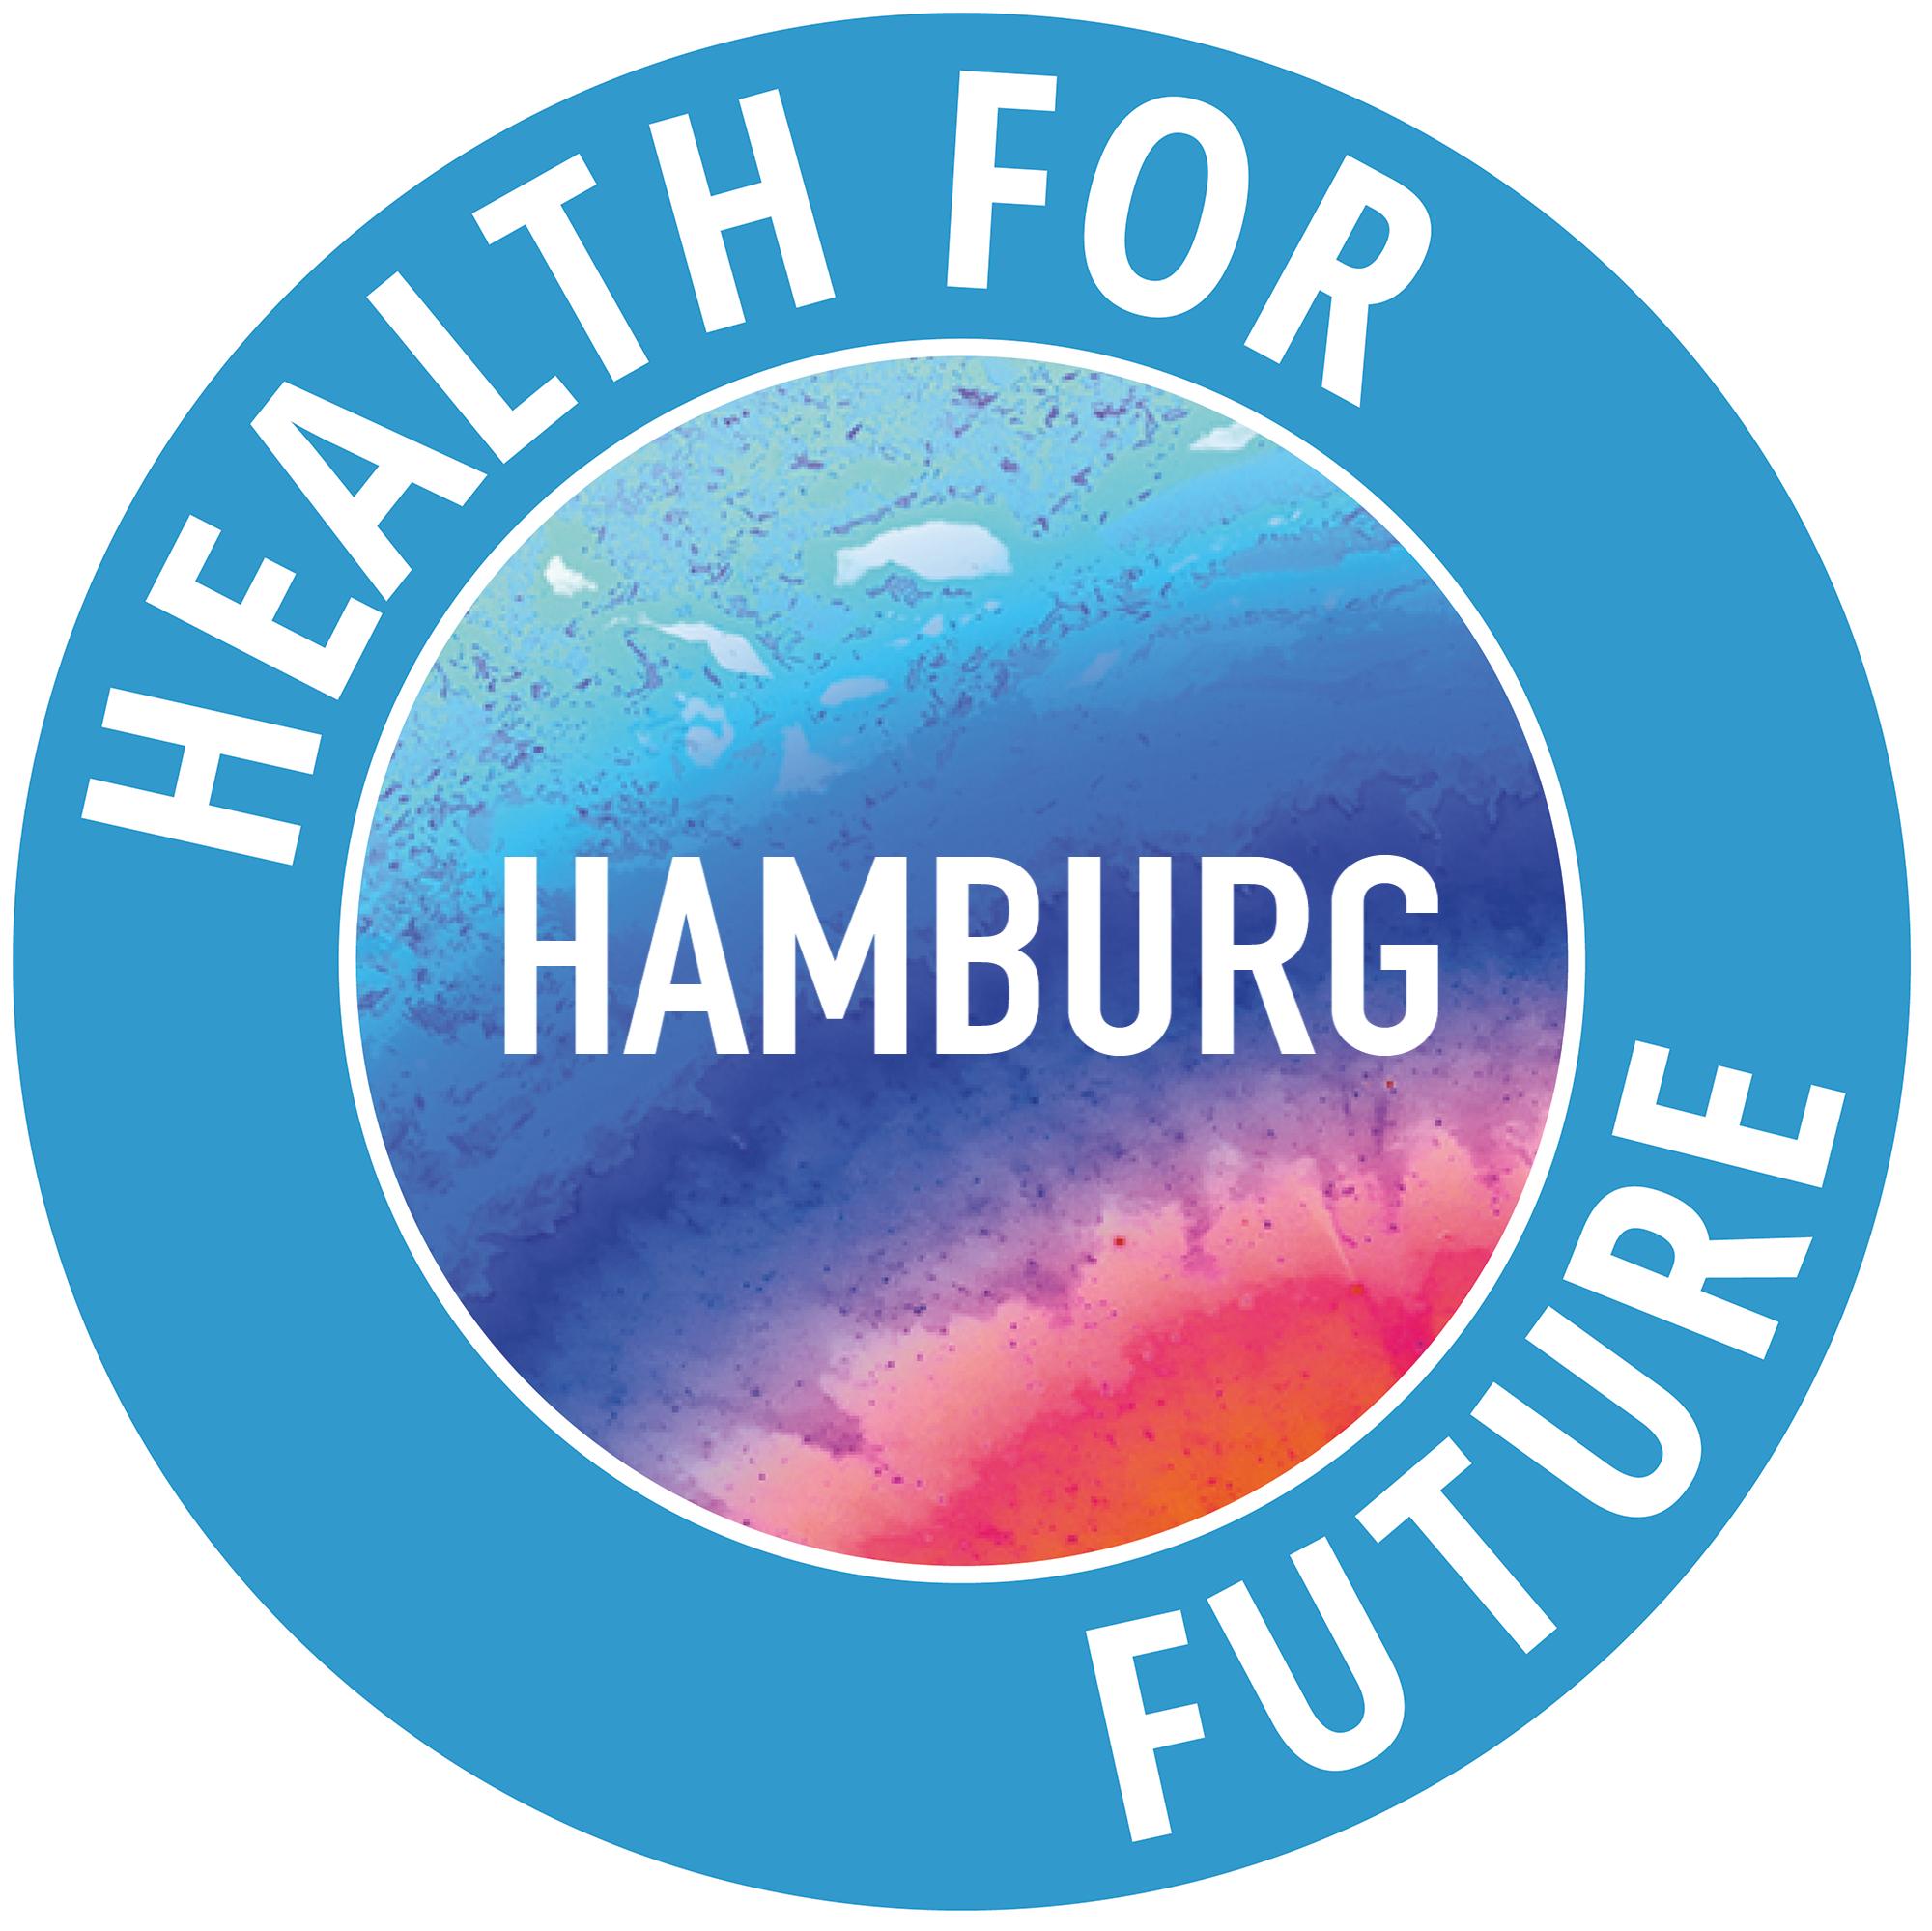 healthforfuture-hamburg.org